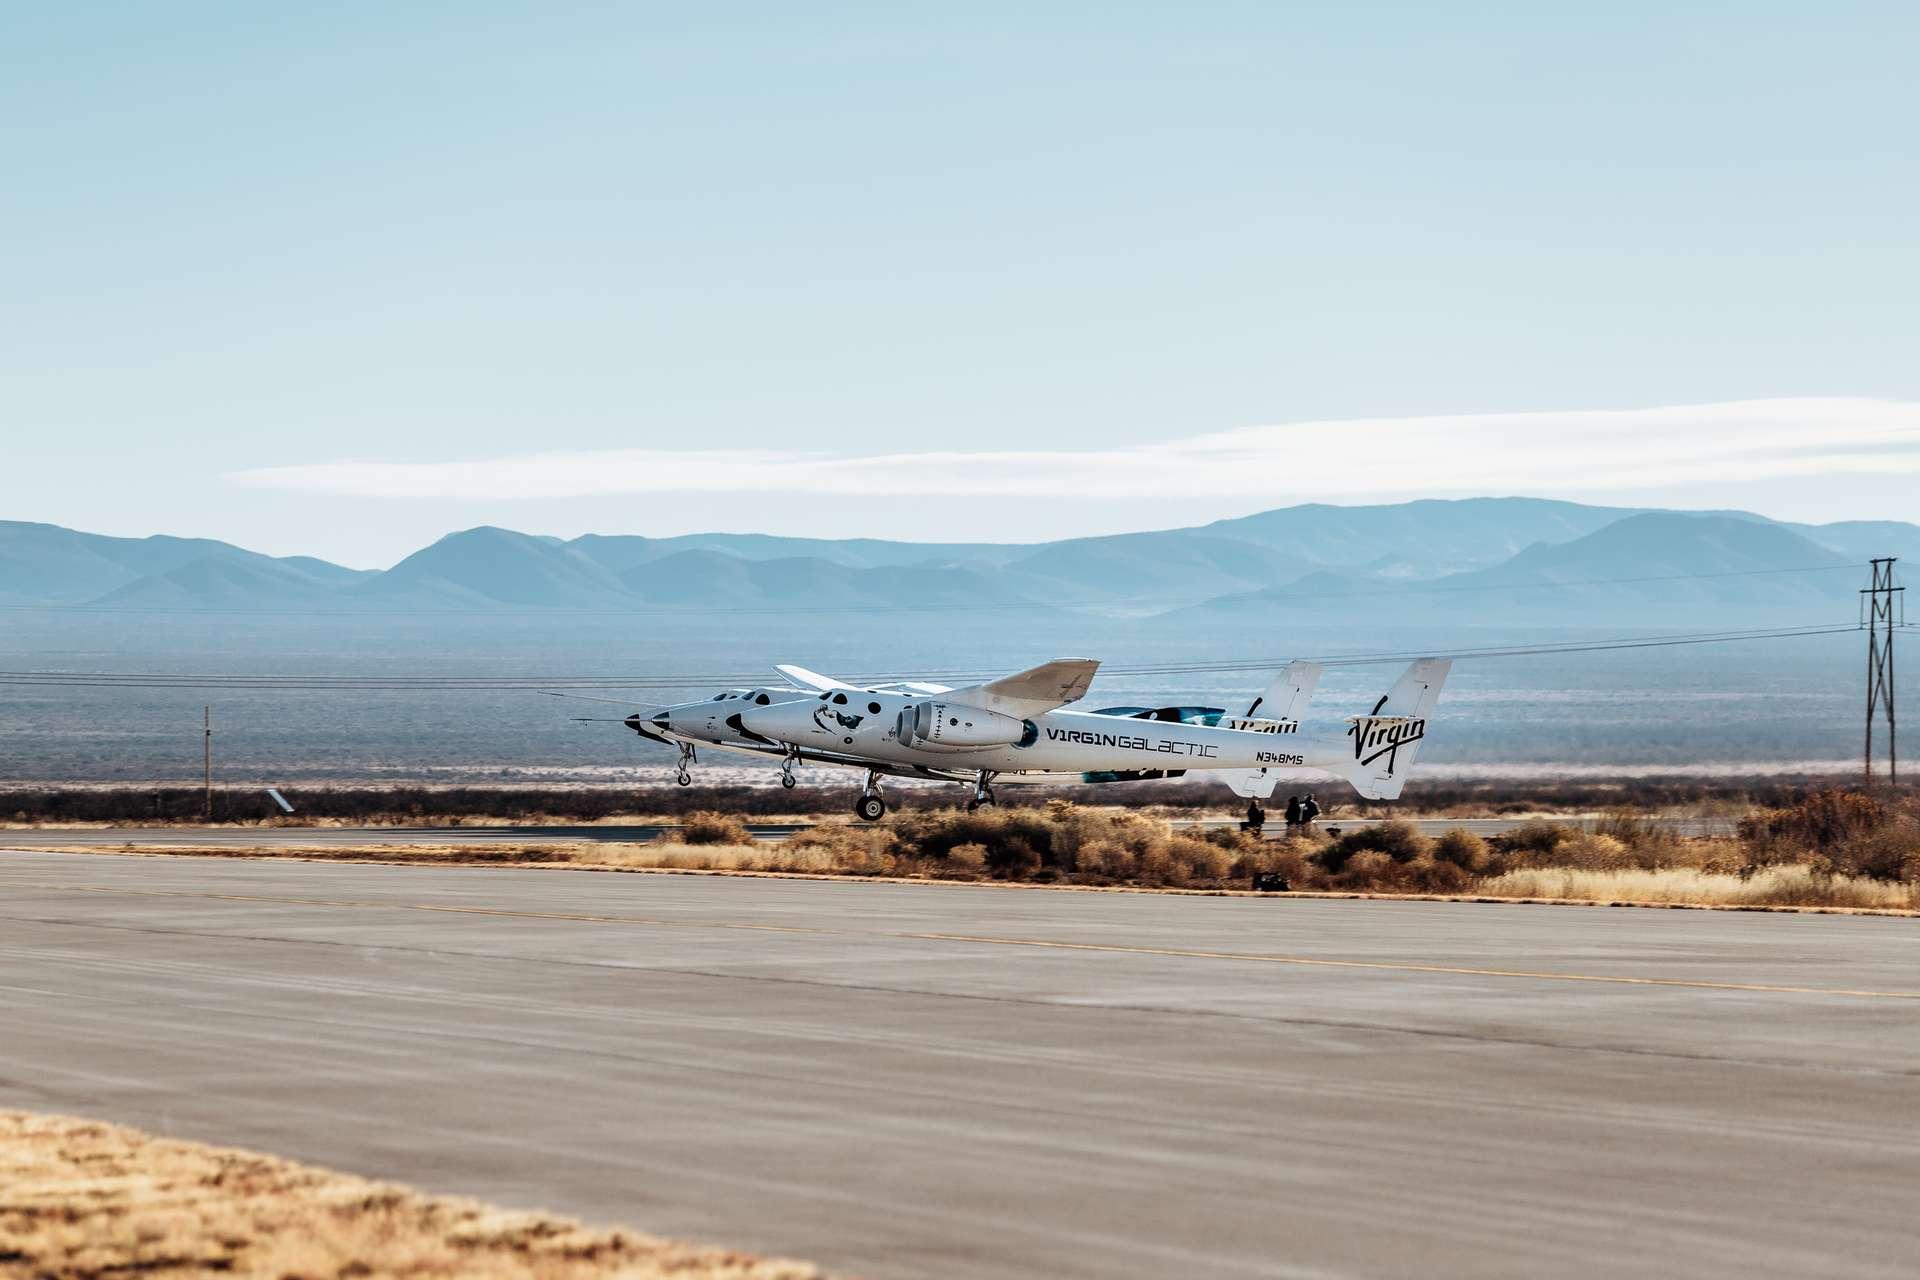 Virgin Galactic a réussi son vol d'essai habité suborbital depuis sa nouvelle base situé au Nouveau-Mexique. © Virgin Galactic